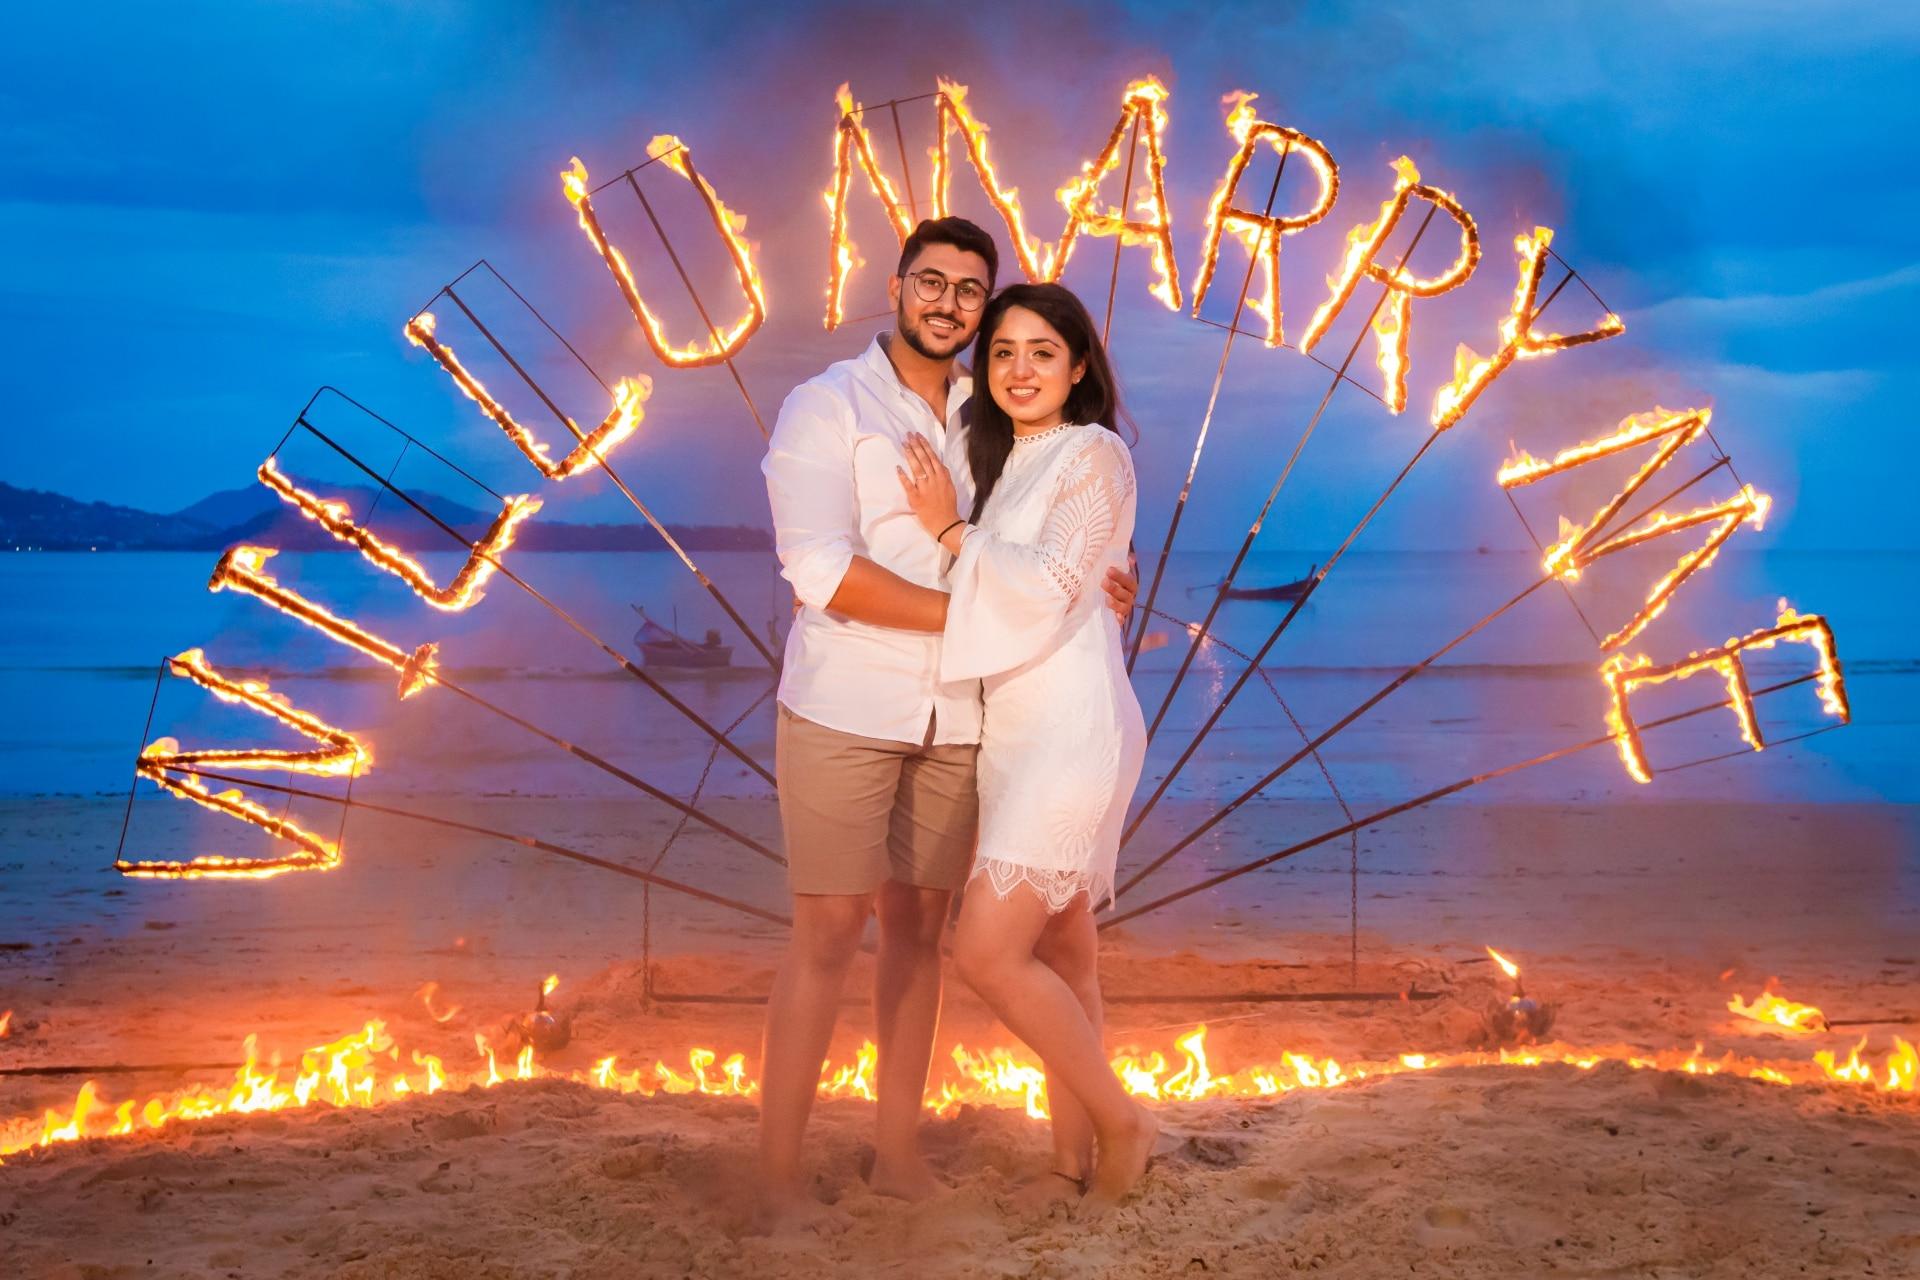 Amanpreet Singh (marriage proposal)